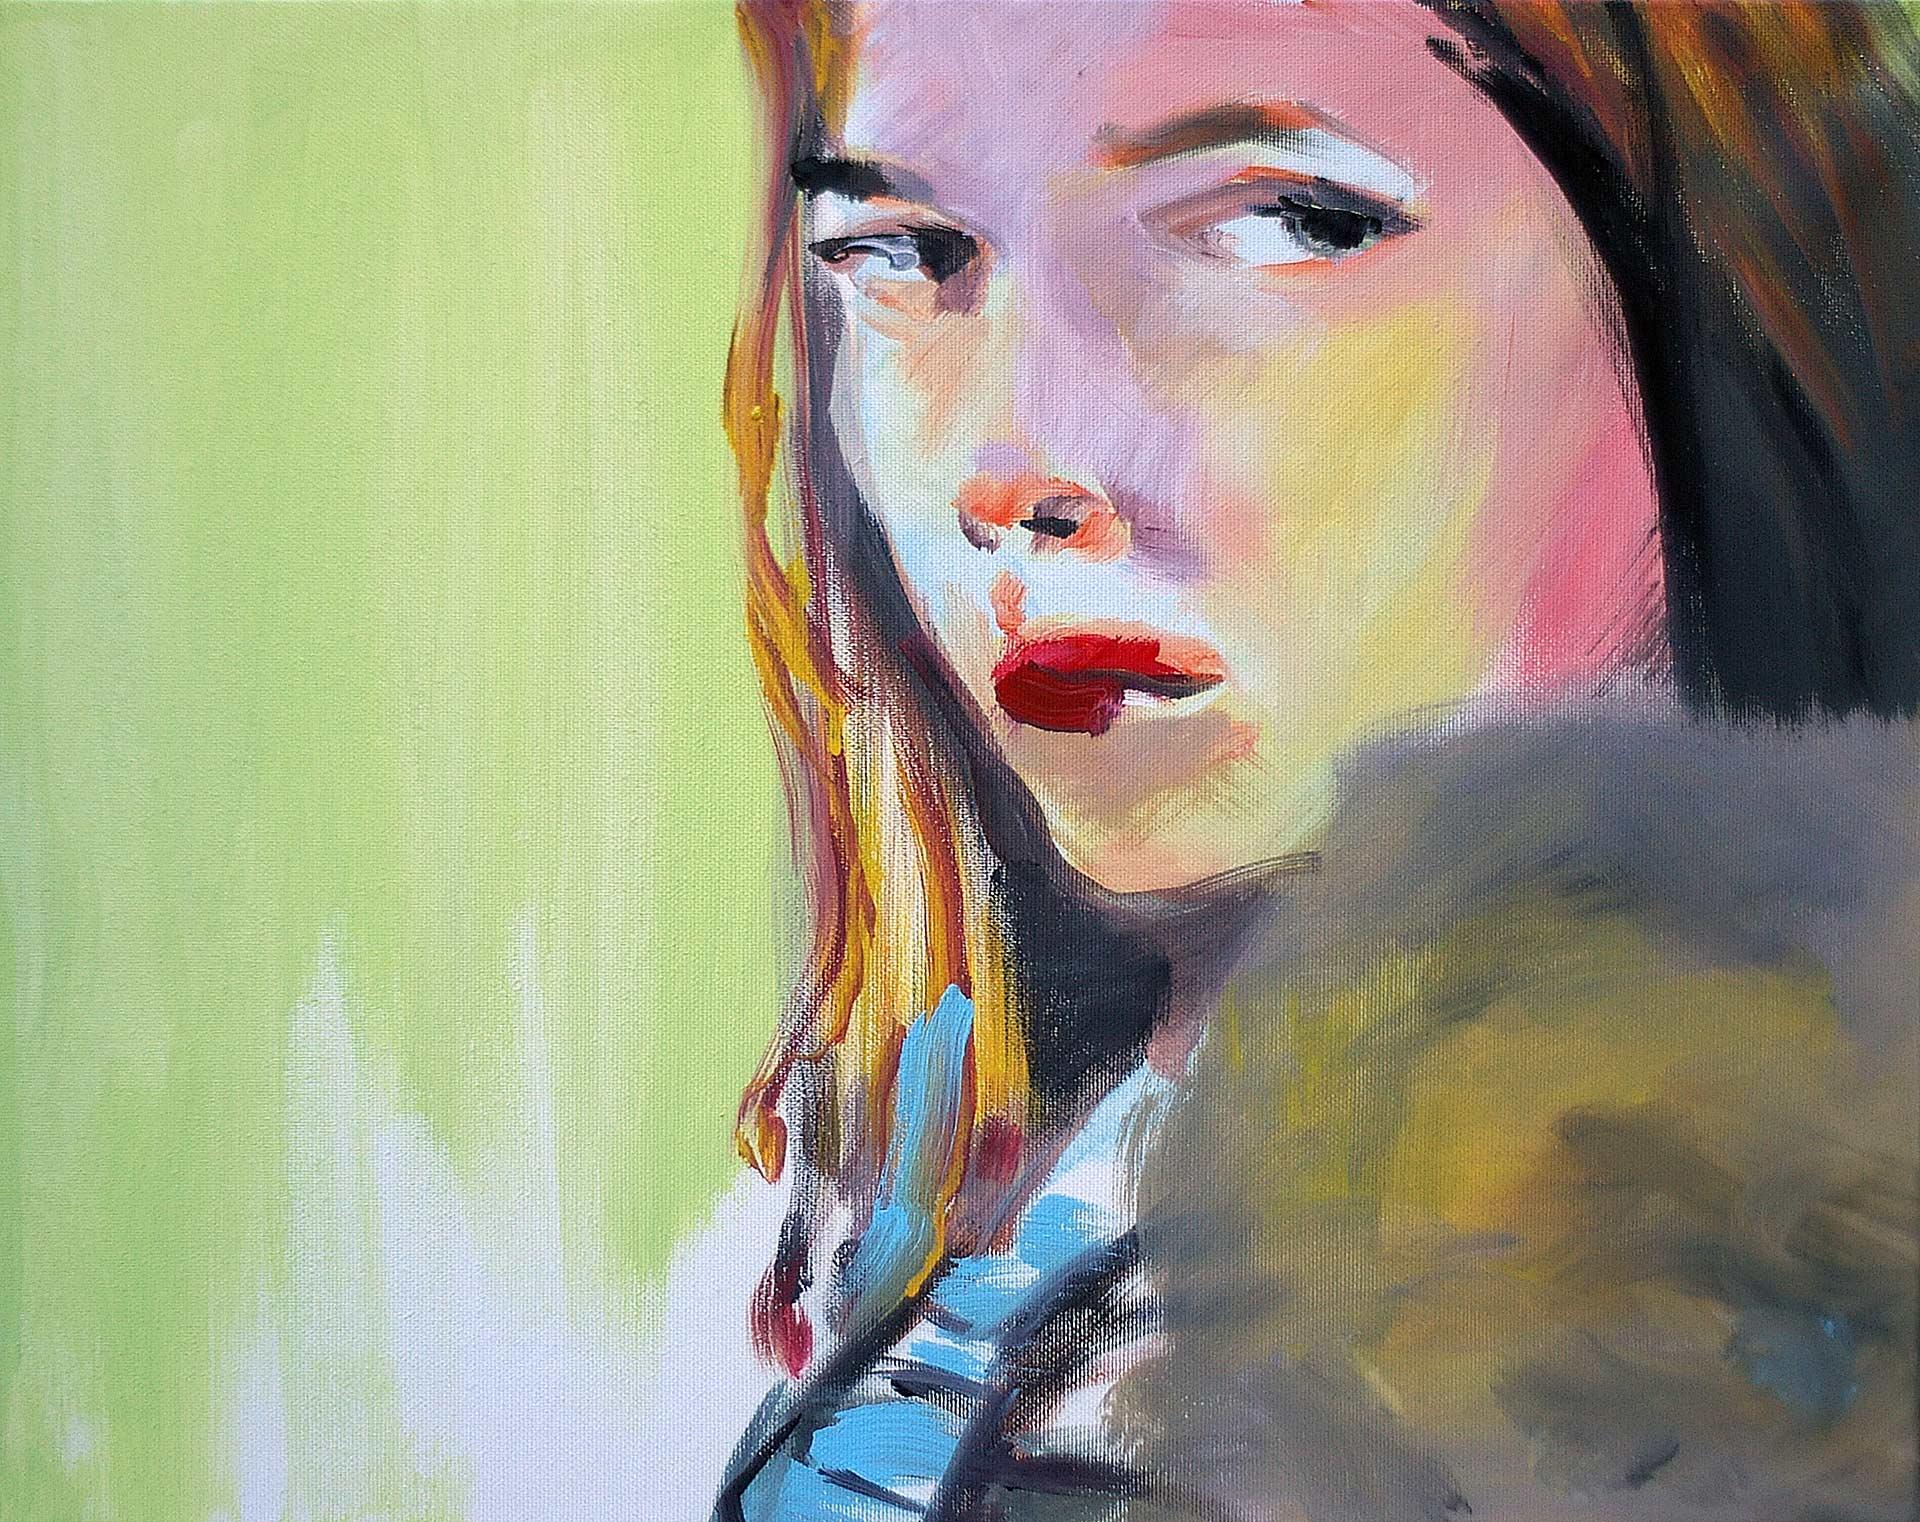 UP0906 2009, acrylic on canvas, 40 x 50 cm.